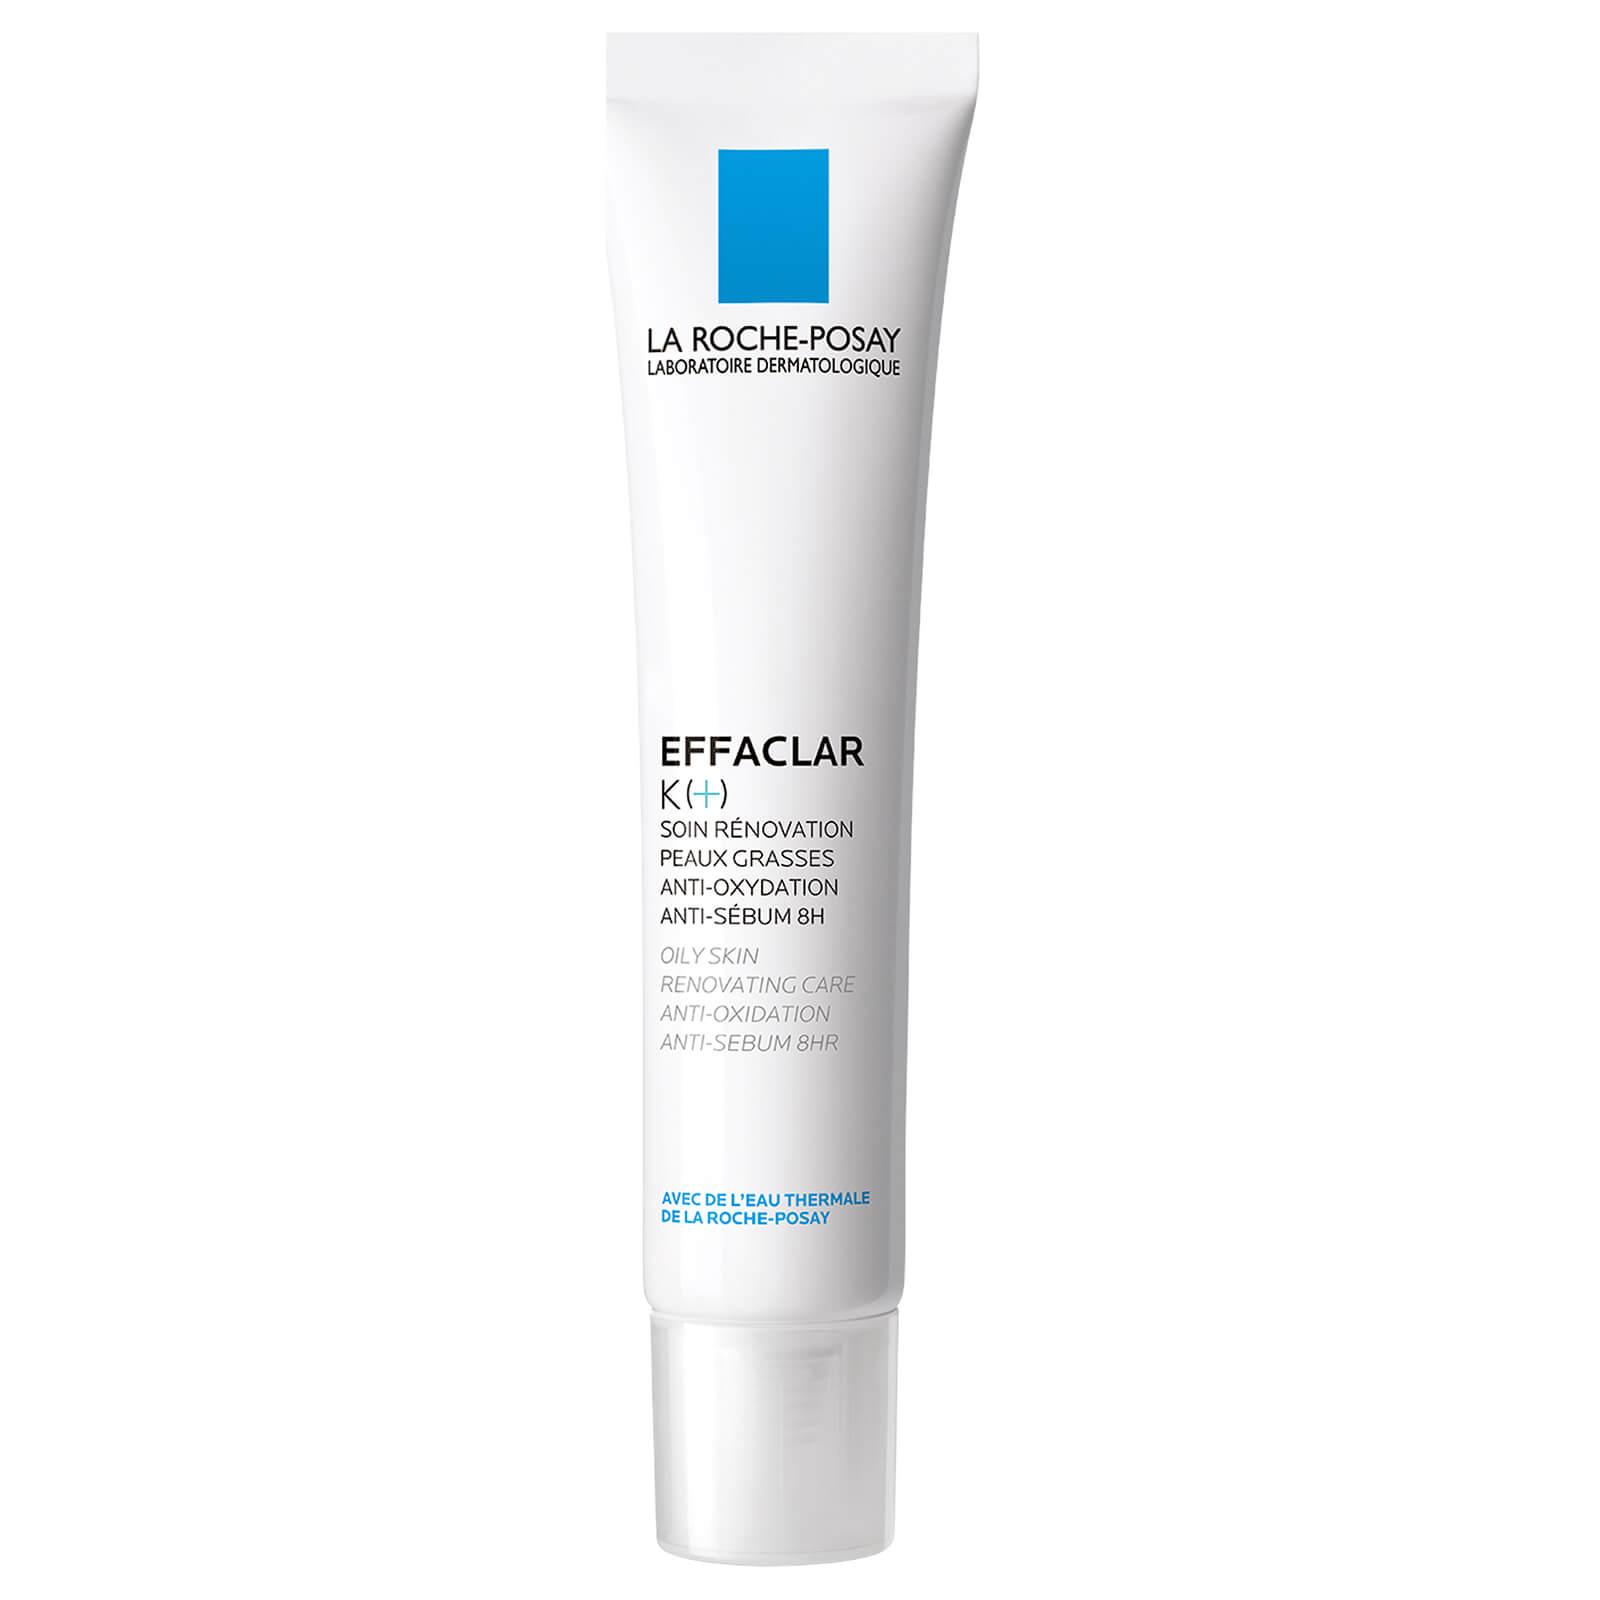 Crema anti-sebo y brillo para pieles grasas de La Roche-Posay